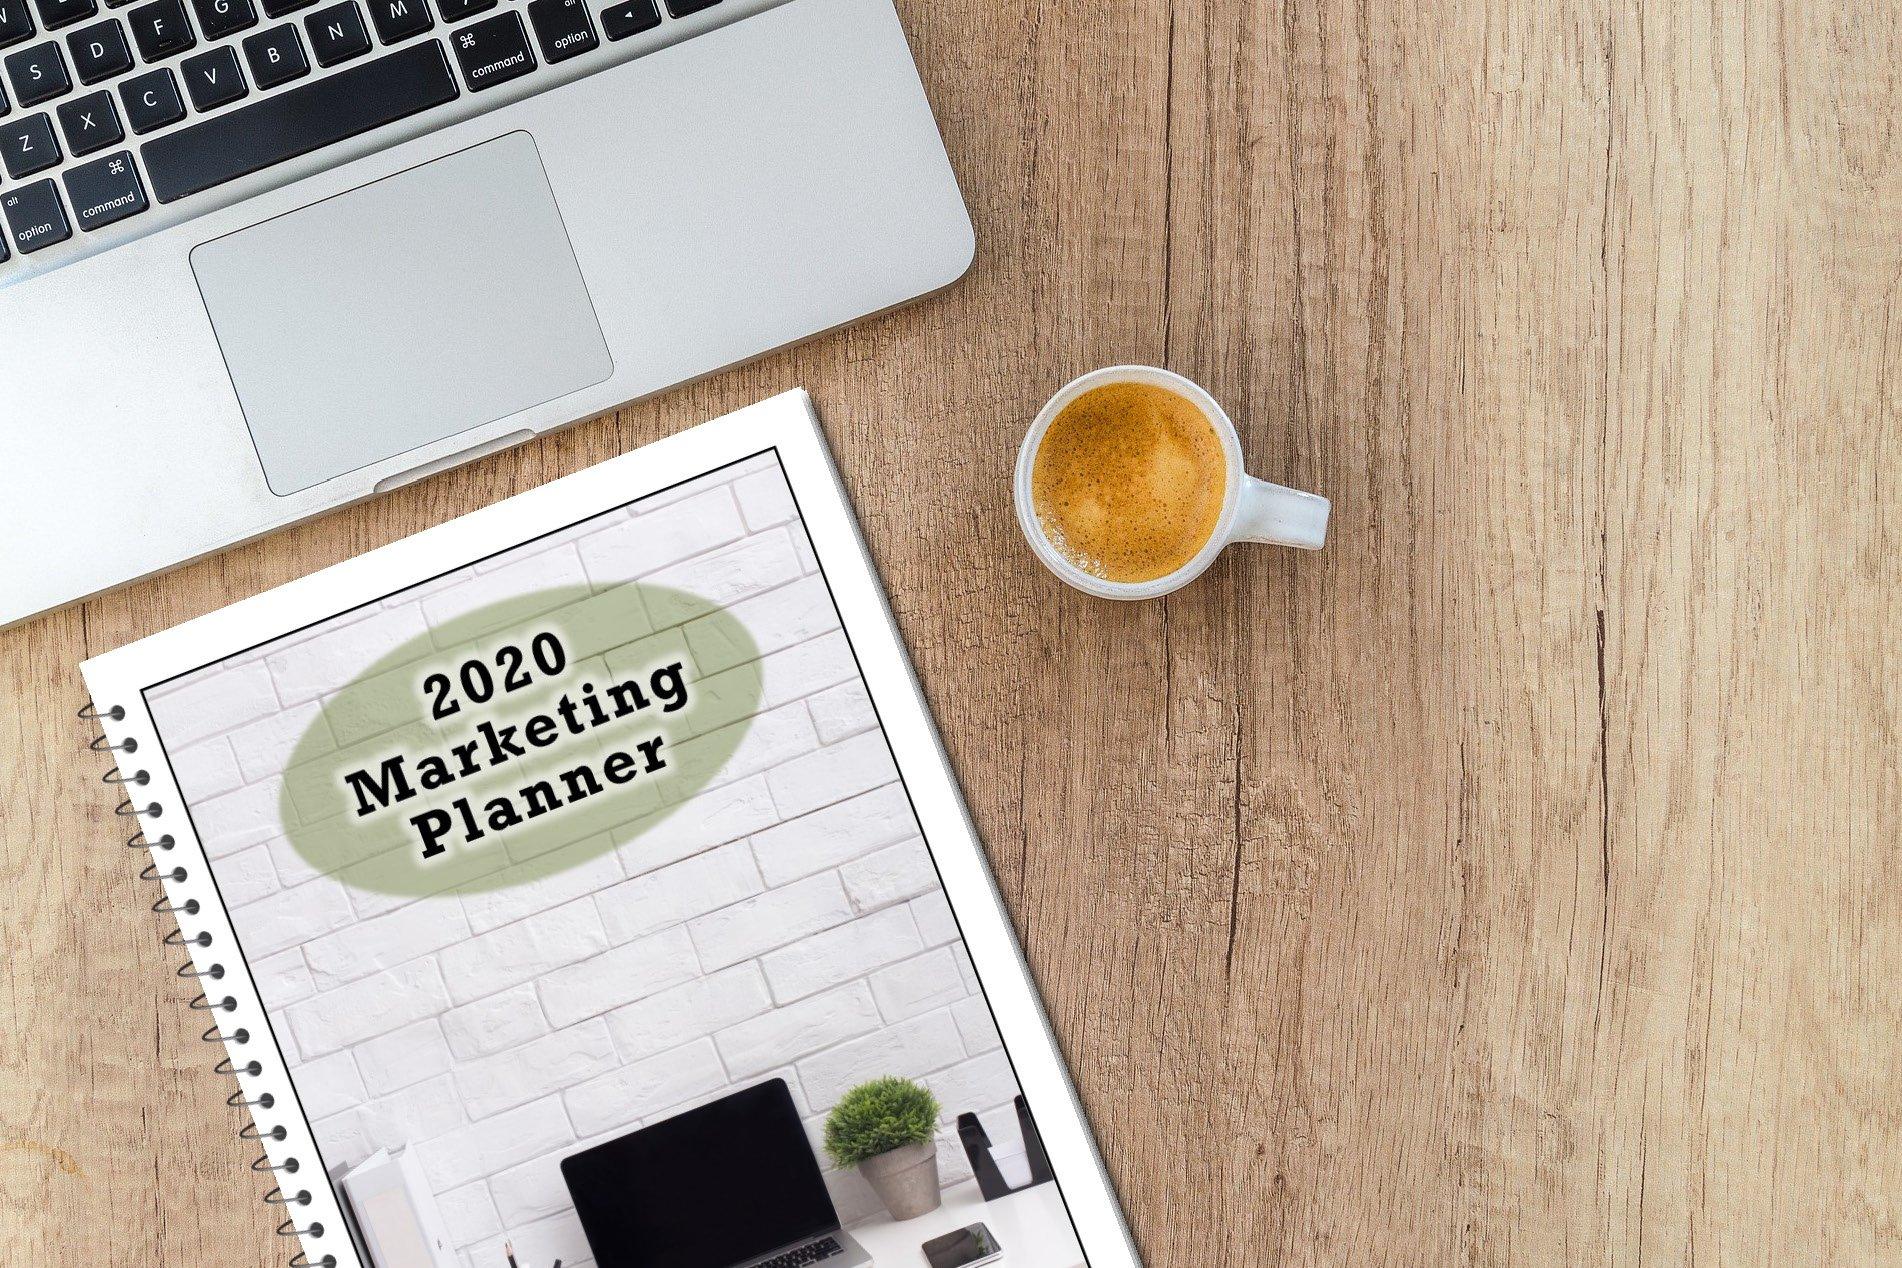 2020 Marketing Planner